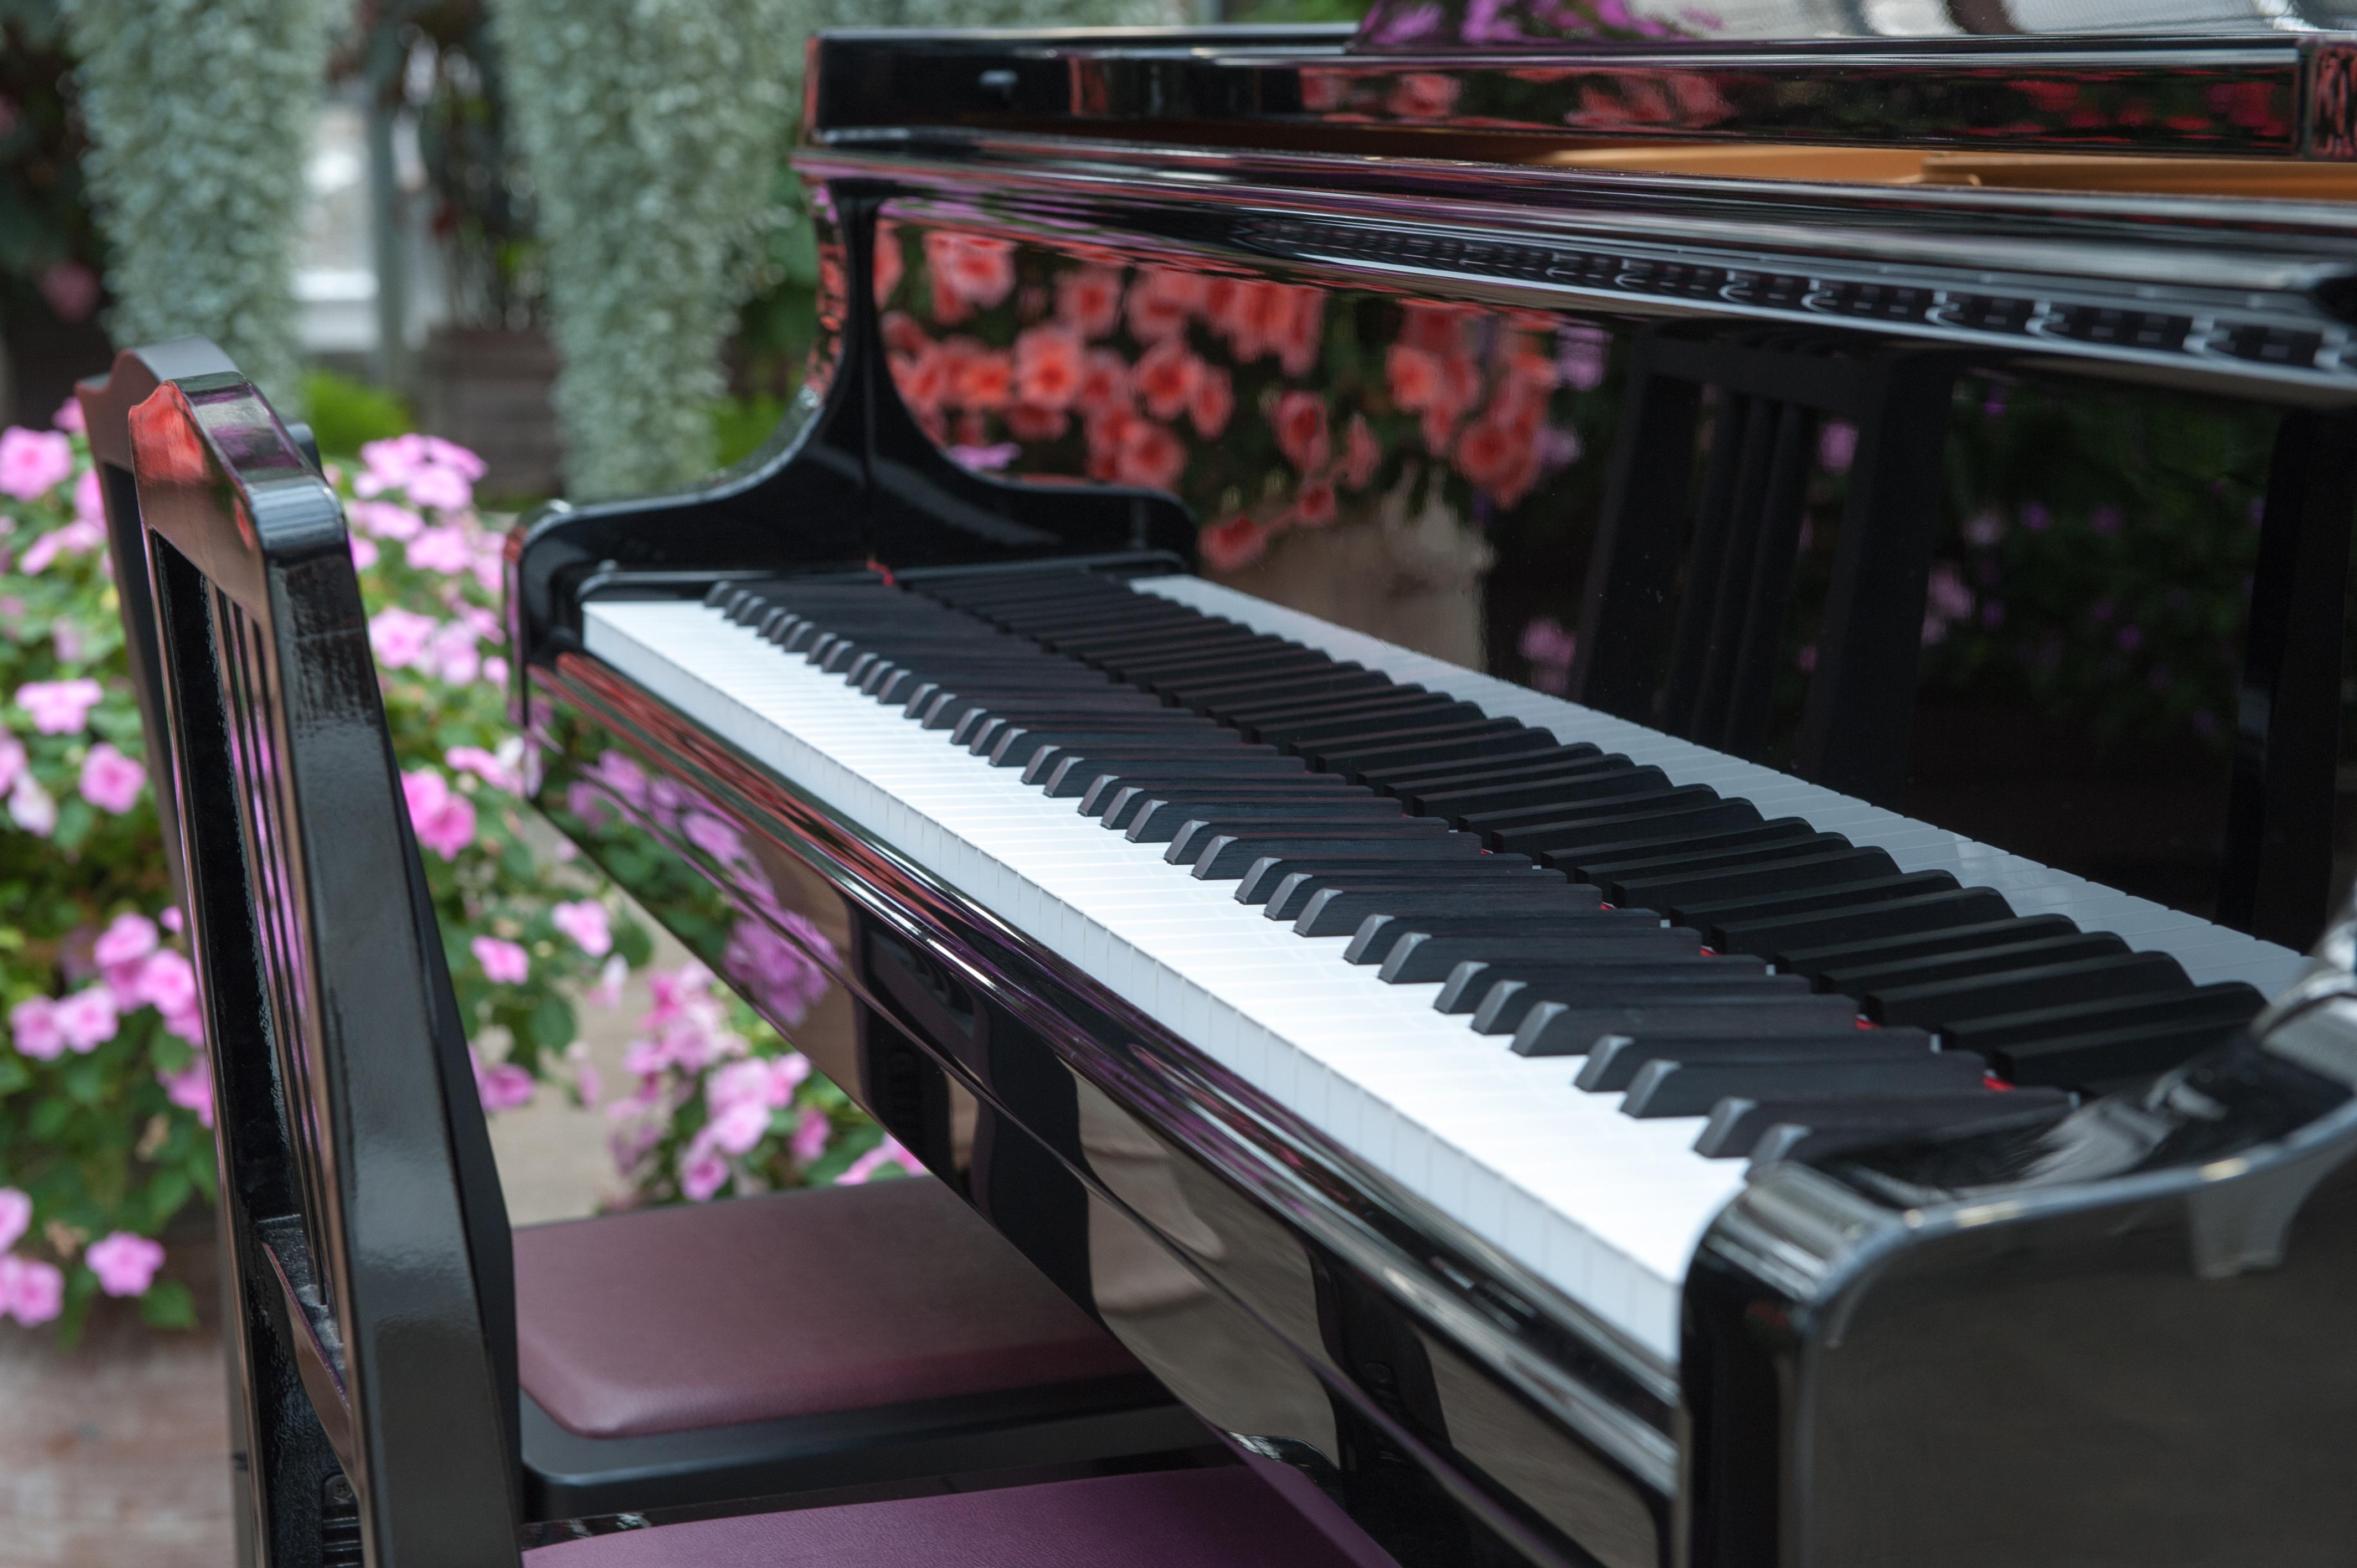 優秀なピアニストによるピアノレッスンはこちら